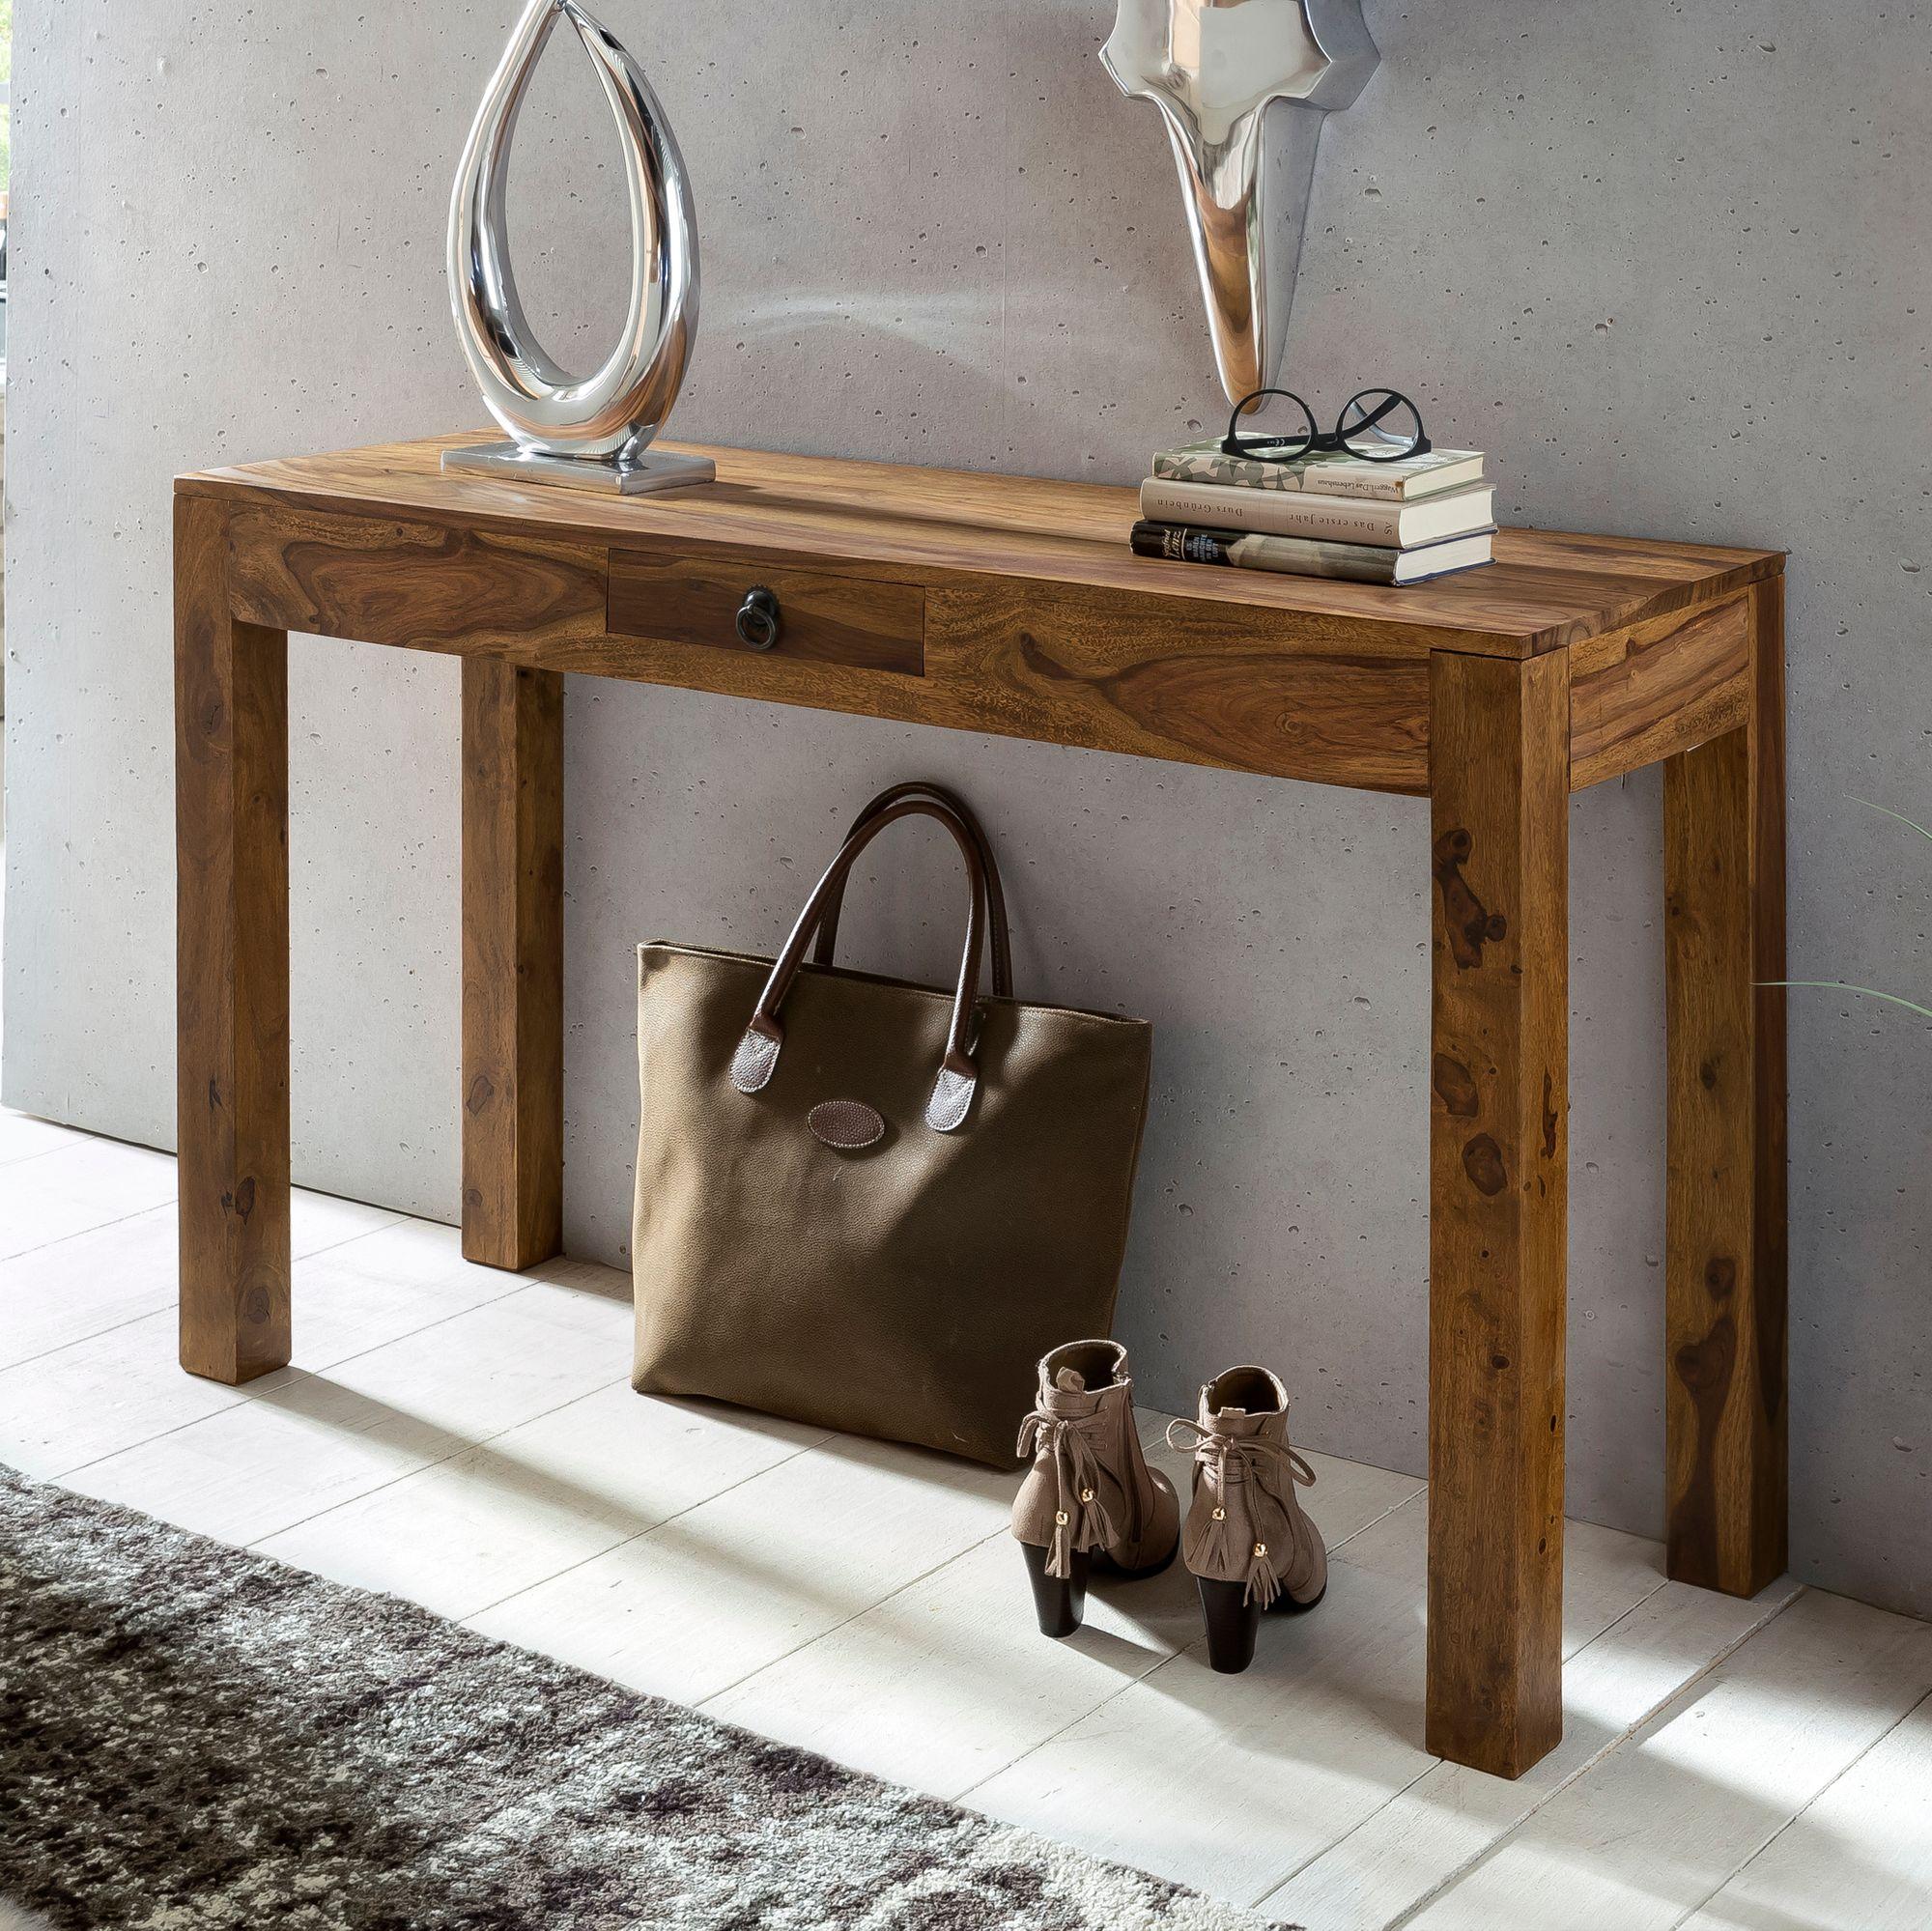 Konsolentisch Holz Massiv Wandtisch Konsole Anrichte 1 Schublade